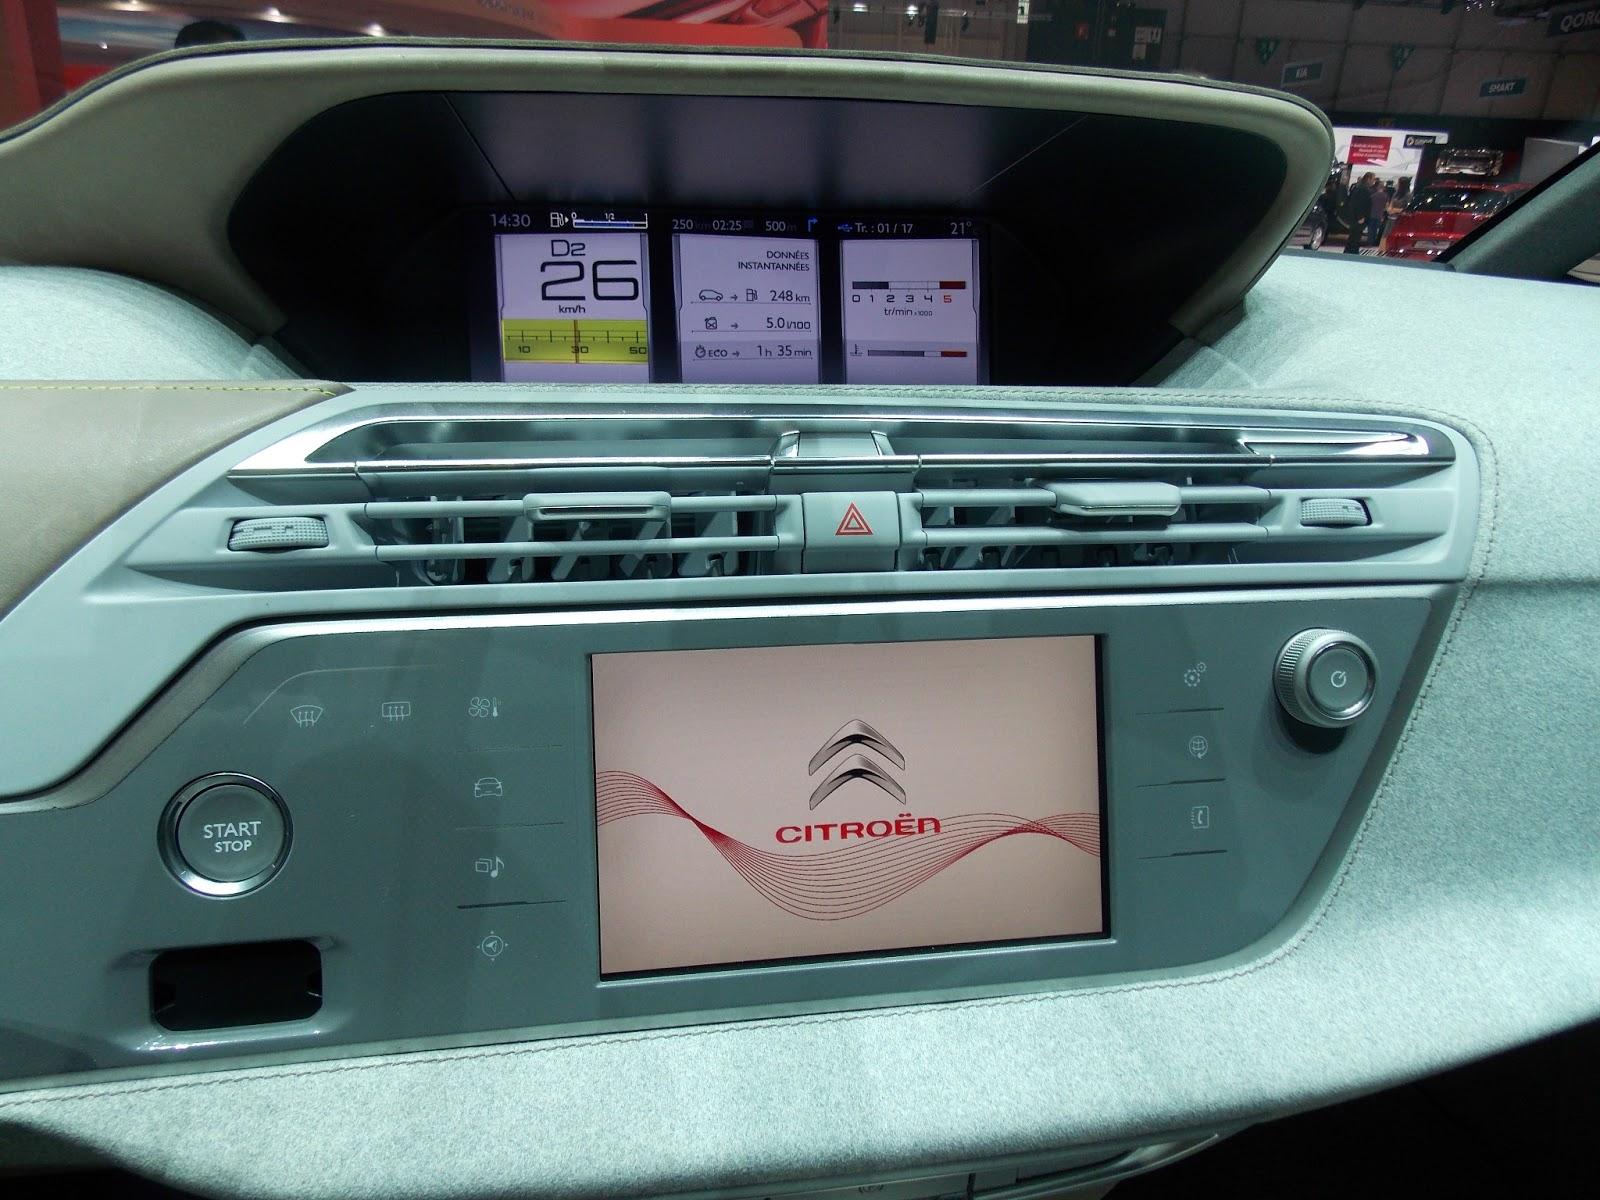 voiture communicante ecran hd et tablette tactile l 39 int rieur du futur c4 picasso. Black Bedroom Furniture Sets. Home Design Ideas